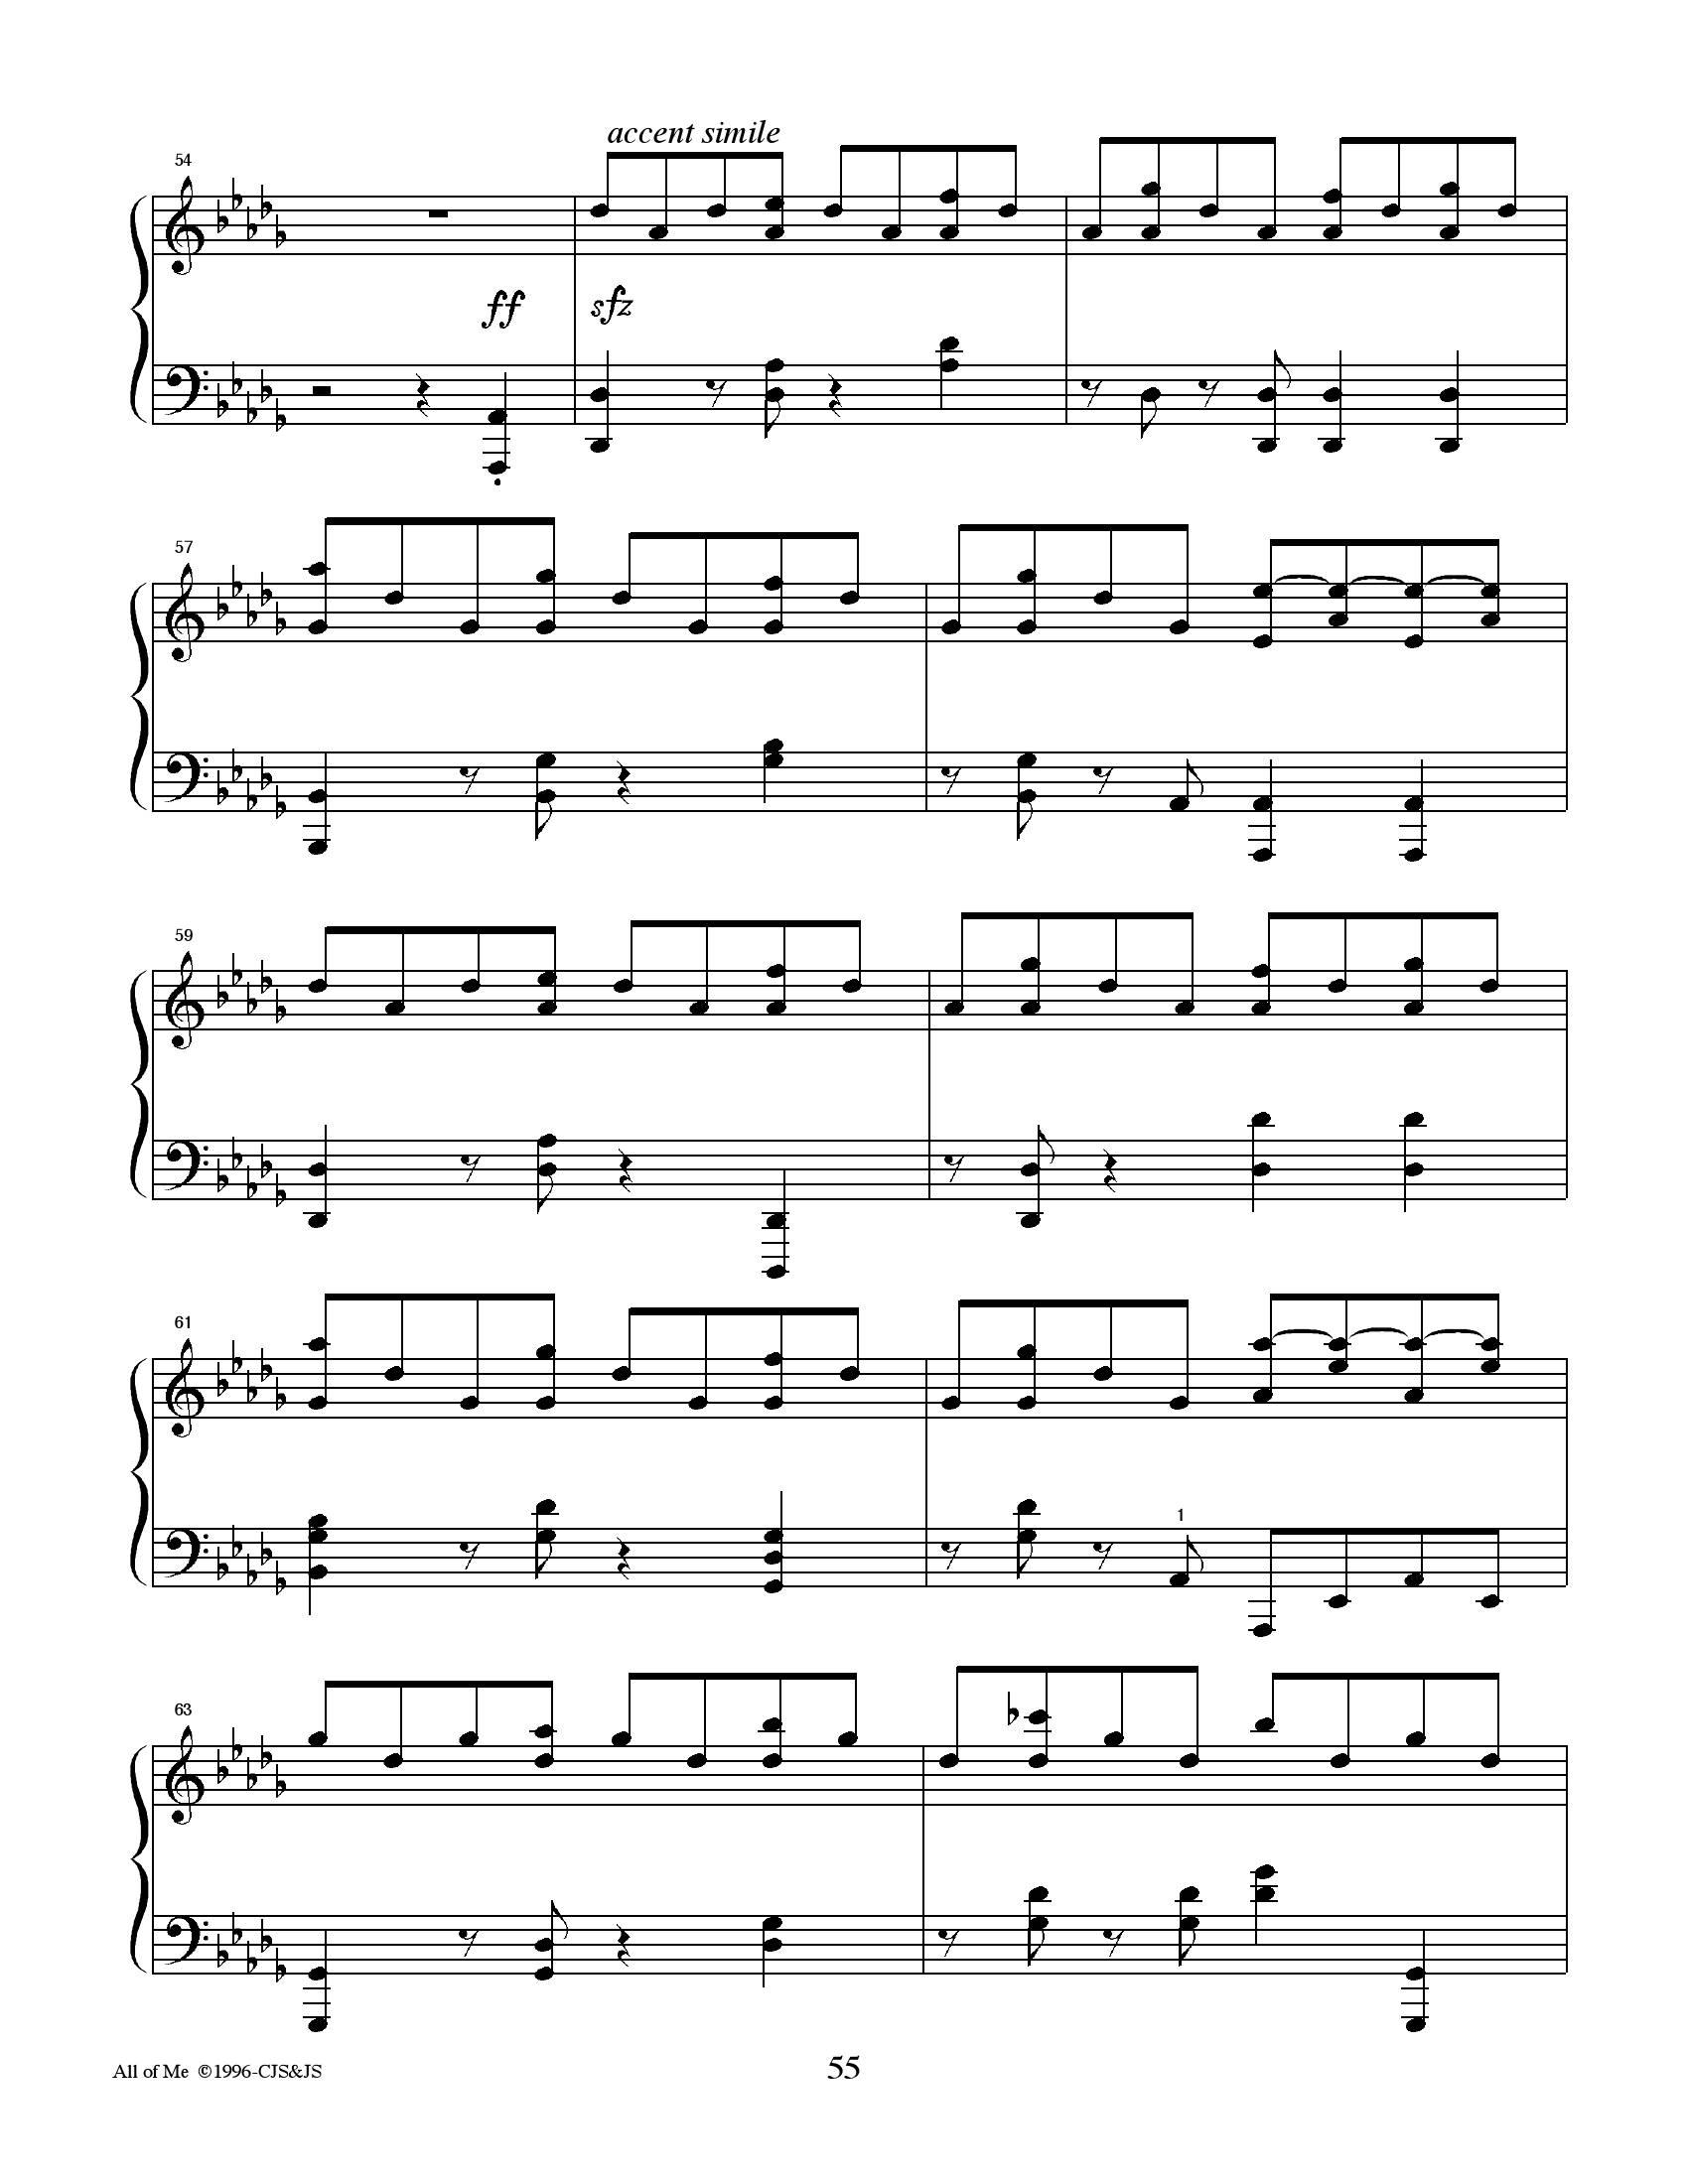 Jon schmit All of me5 - نت آهنگ All of me از Jon schmit